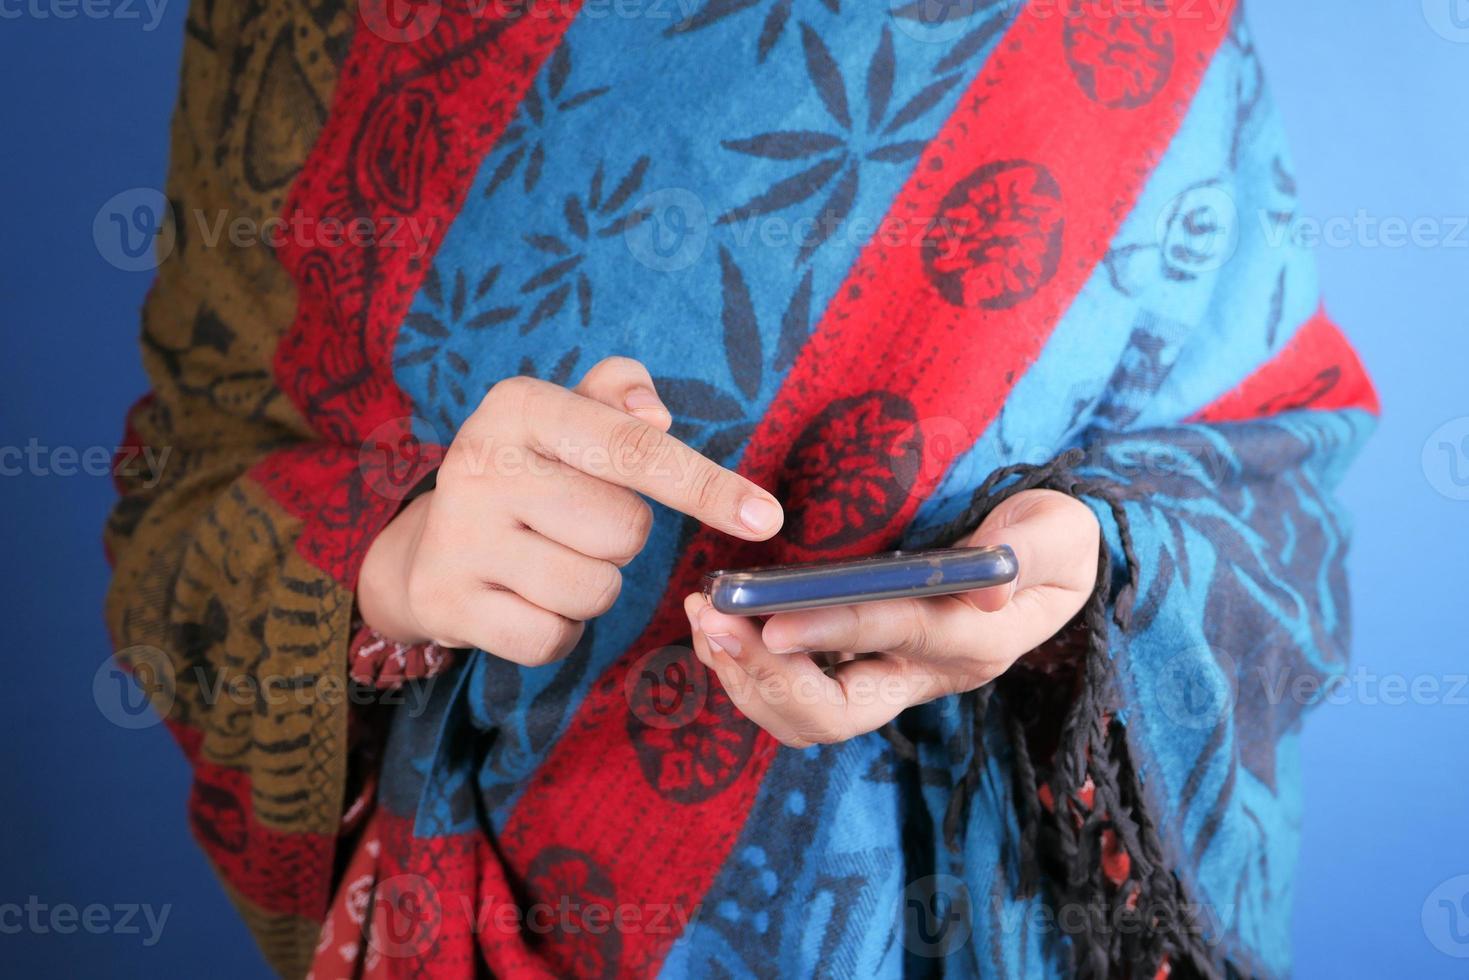 vrouw met slimme telefoon foto